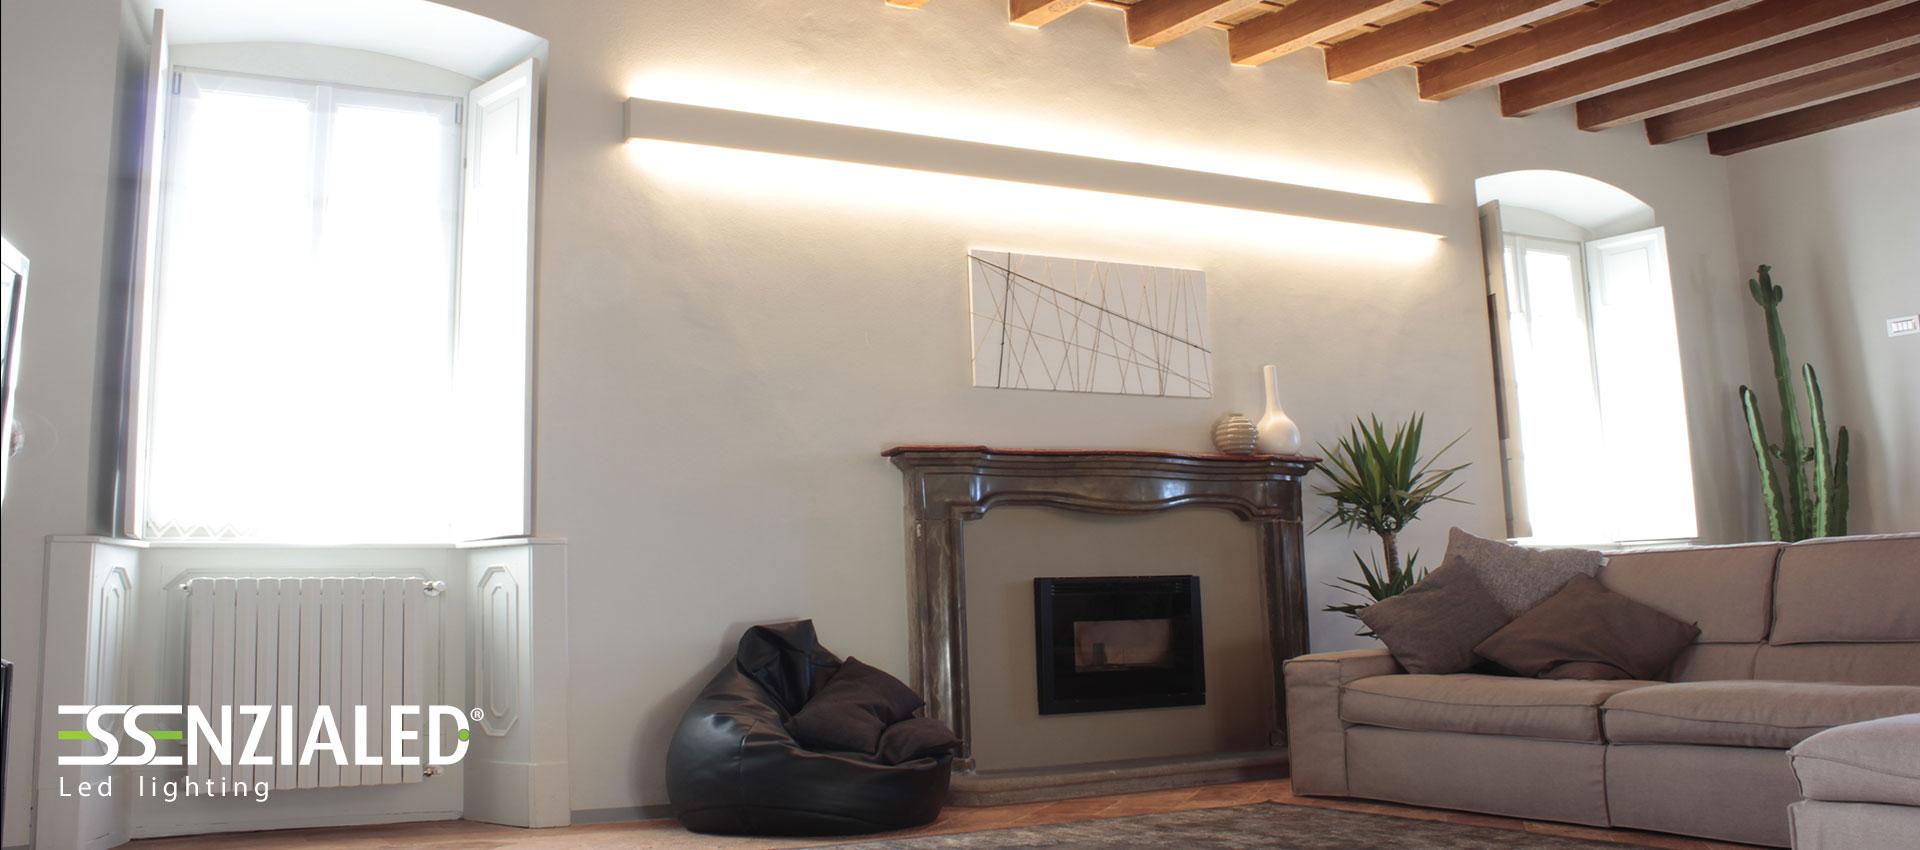 Illuminazione led per abitazioni su misura made in for Soffitto travi a vista illuminazione